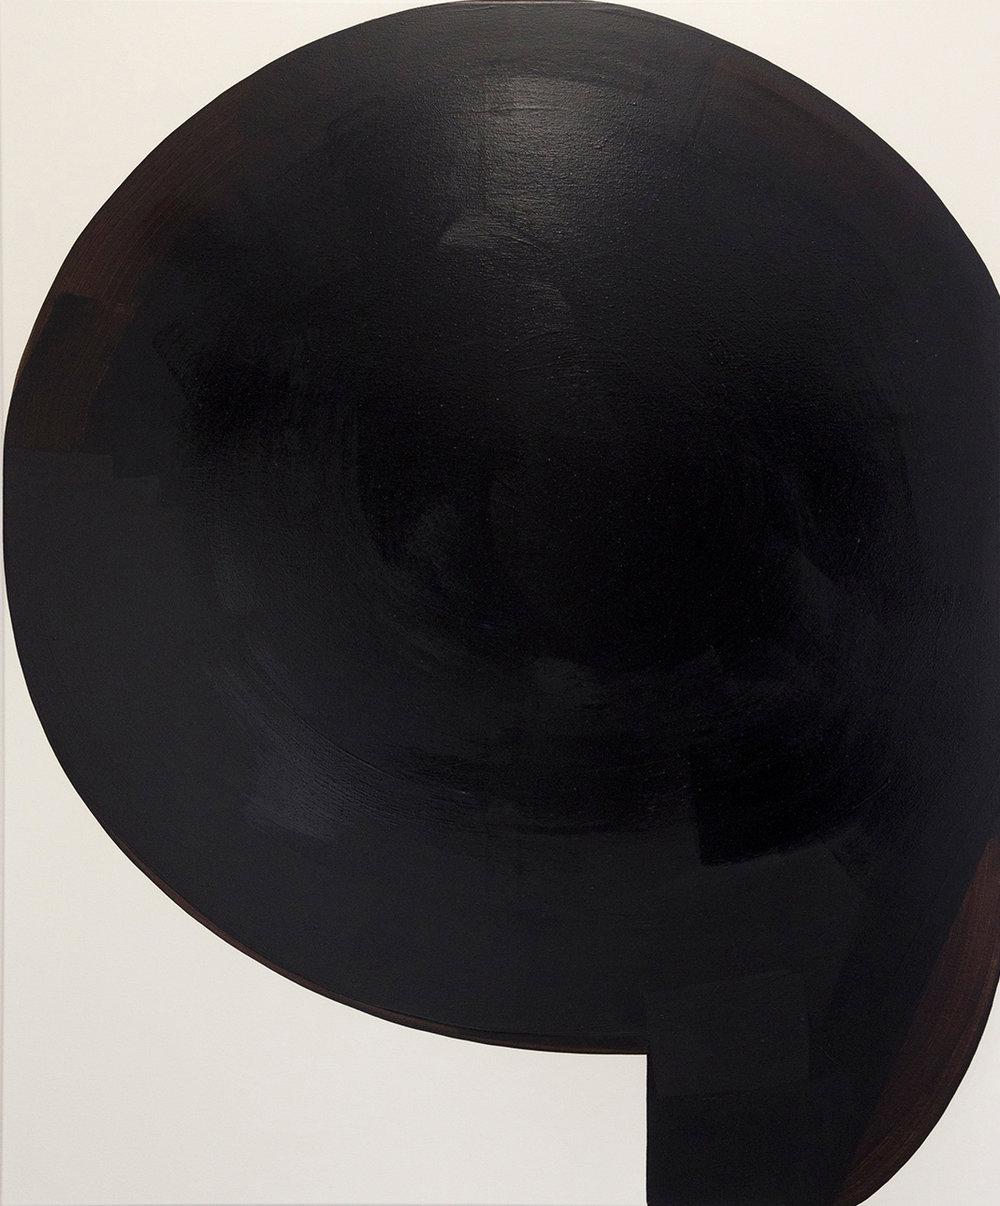 Karolina Bielawska: Black Sun III - Warsaw, 2017